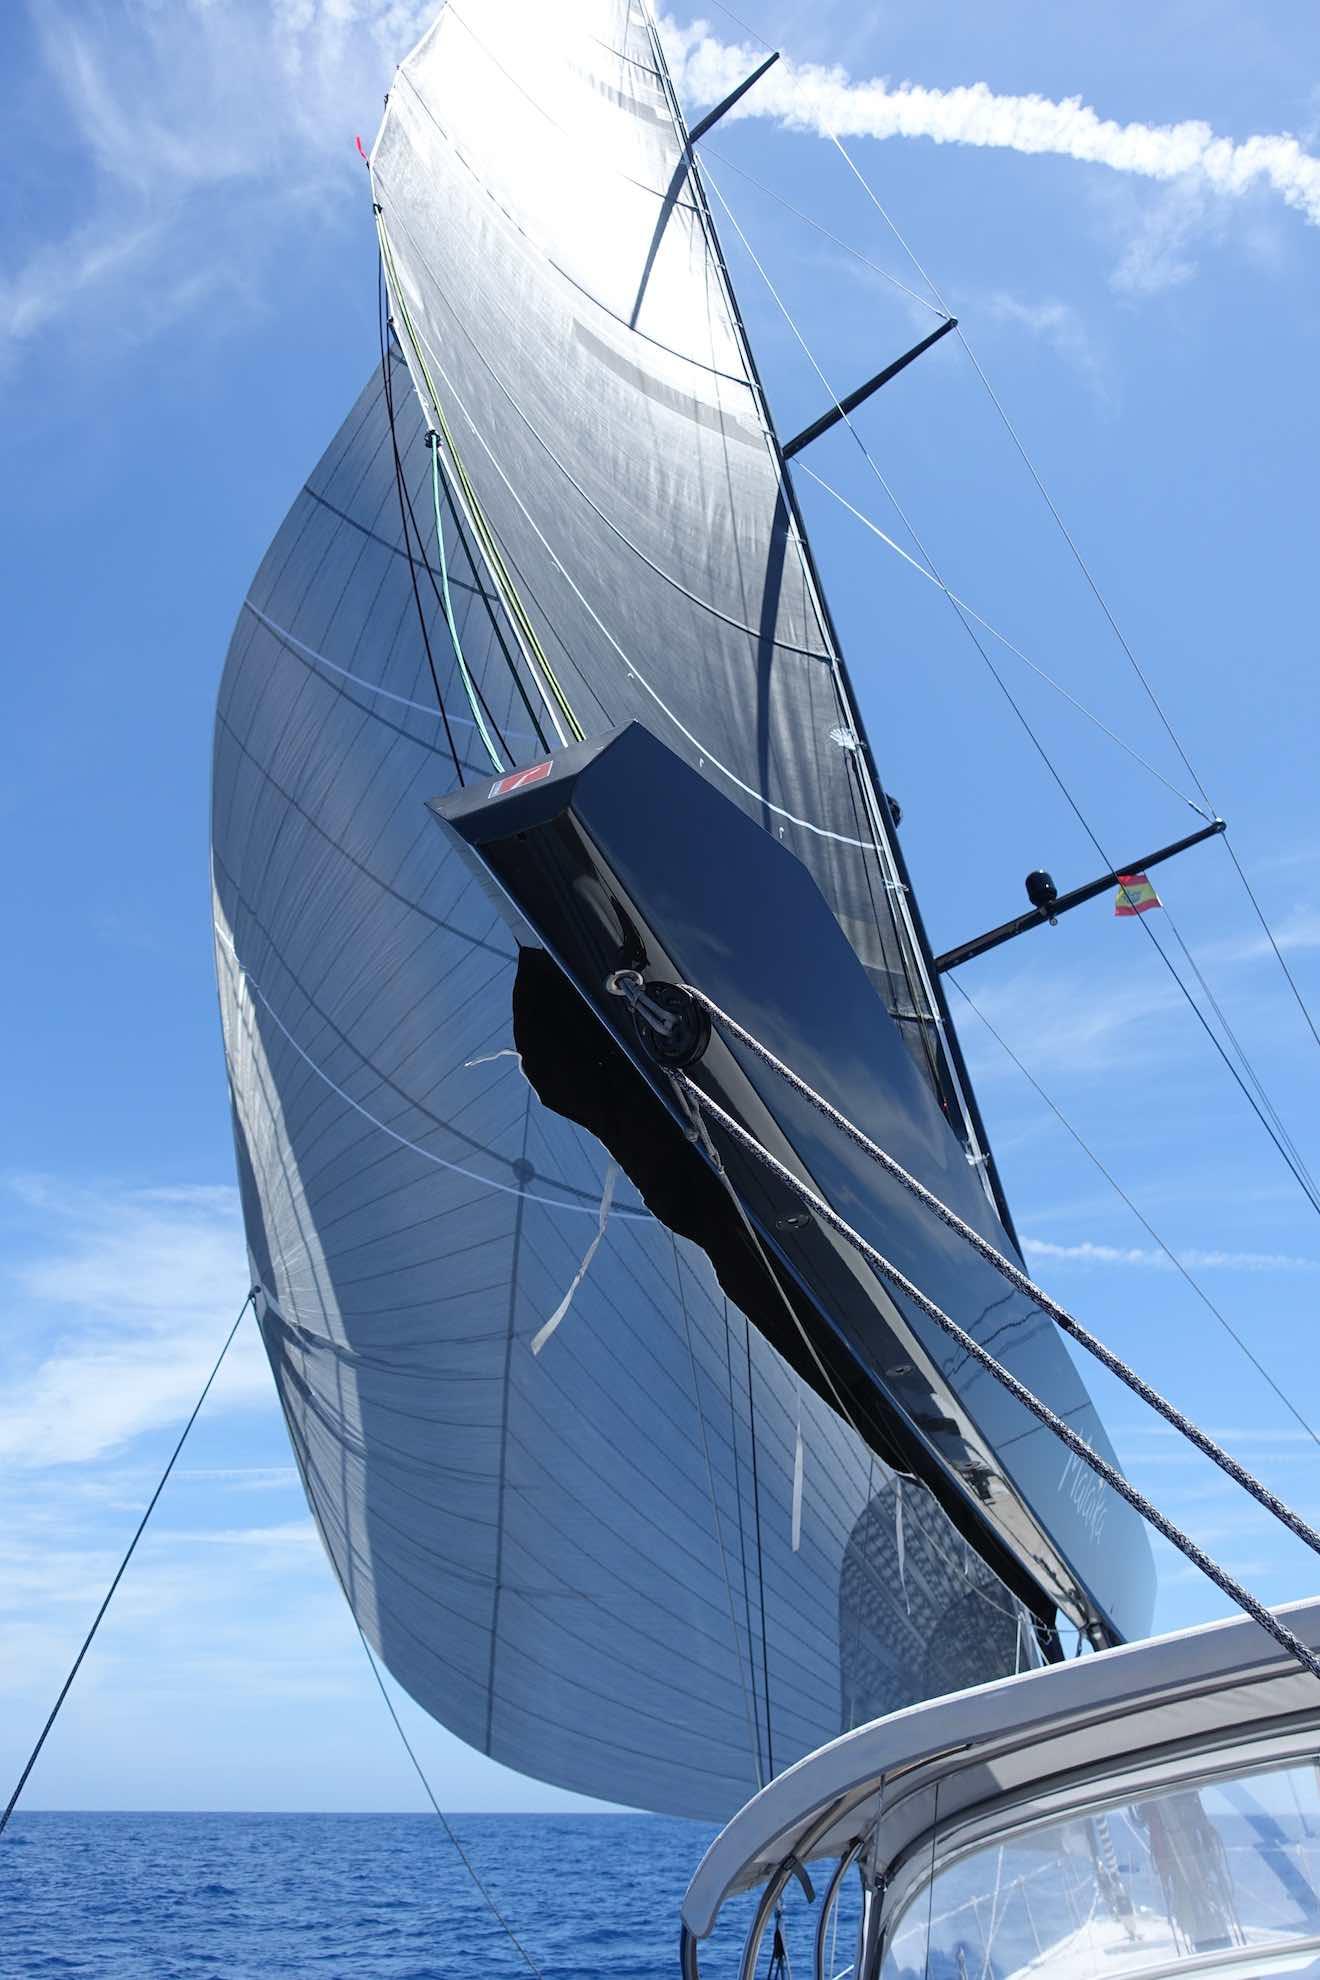 Der sogenannte Code 0 (zero) ist ein Segel für leichten Wind von der Seite.